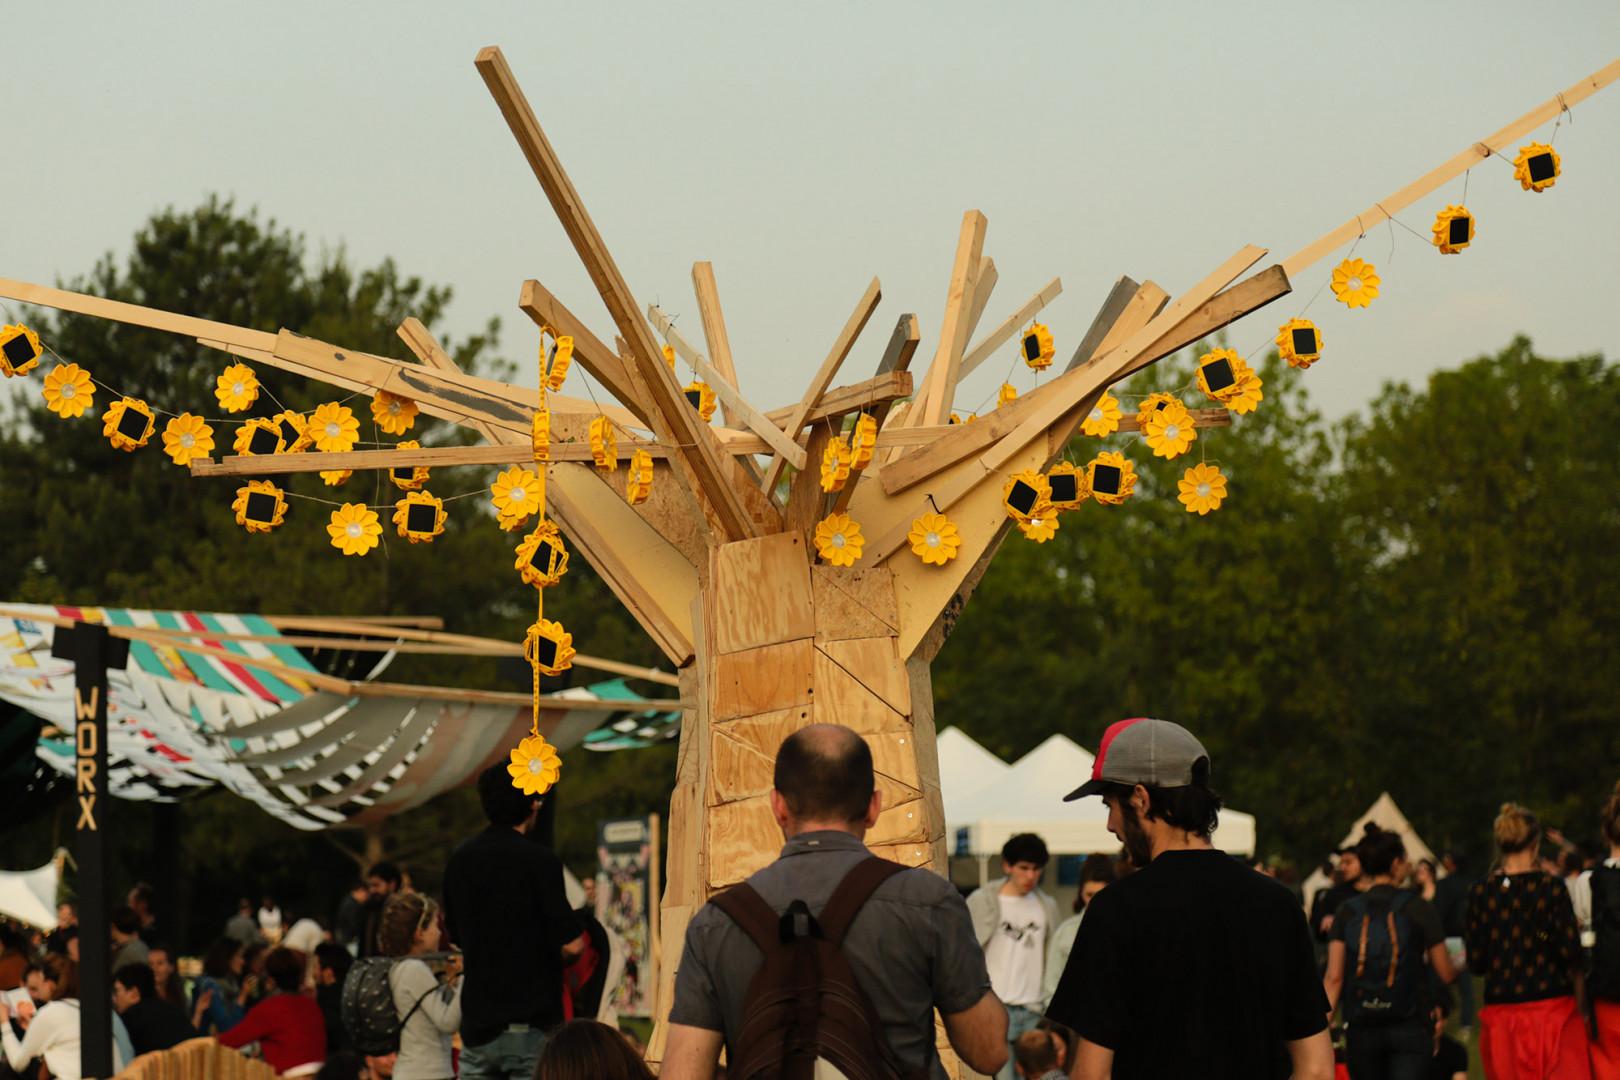 Une des œuvres réalisées par un jeune artiste entièrement fabriquée en matières recyclées et recyclables